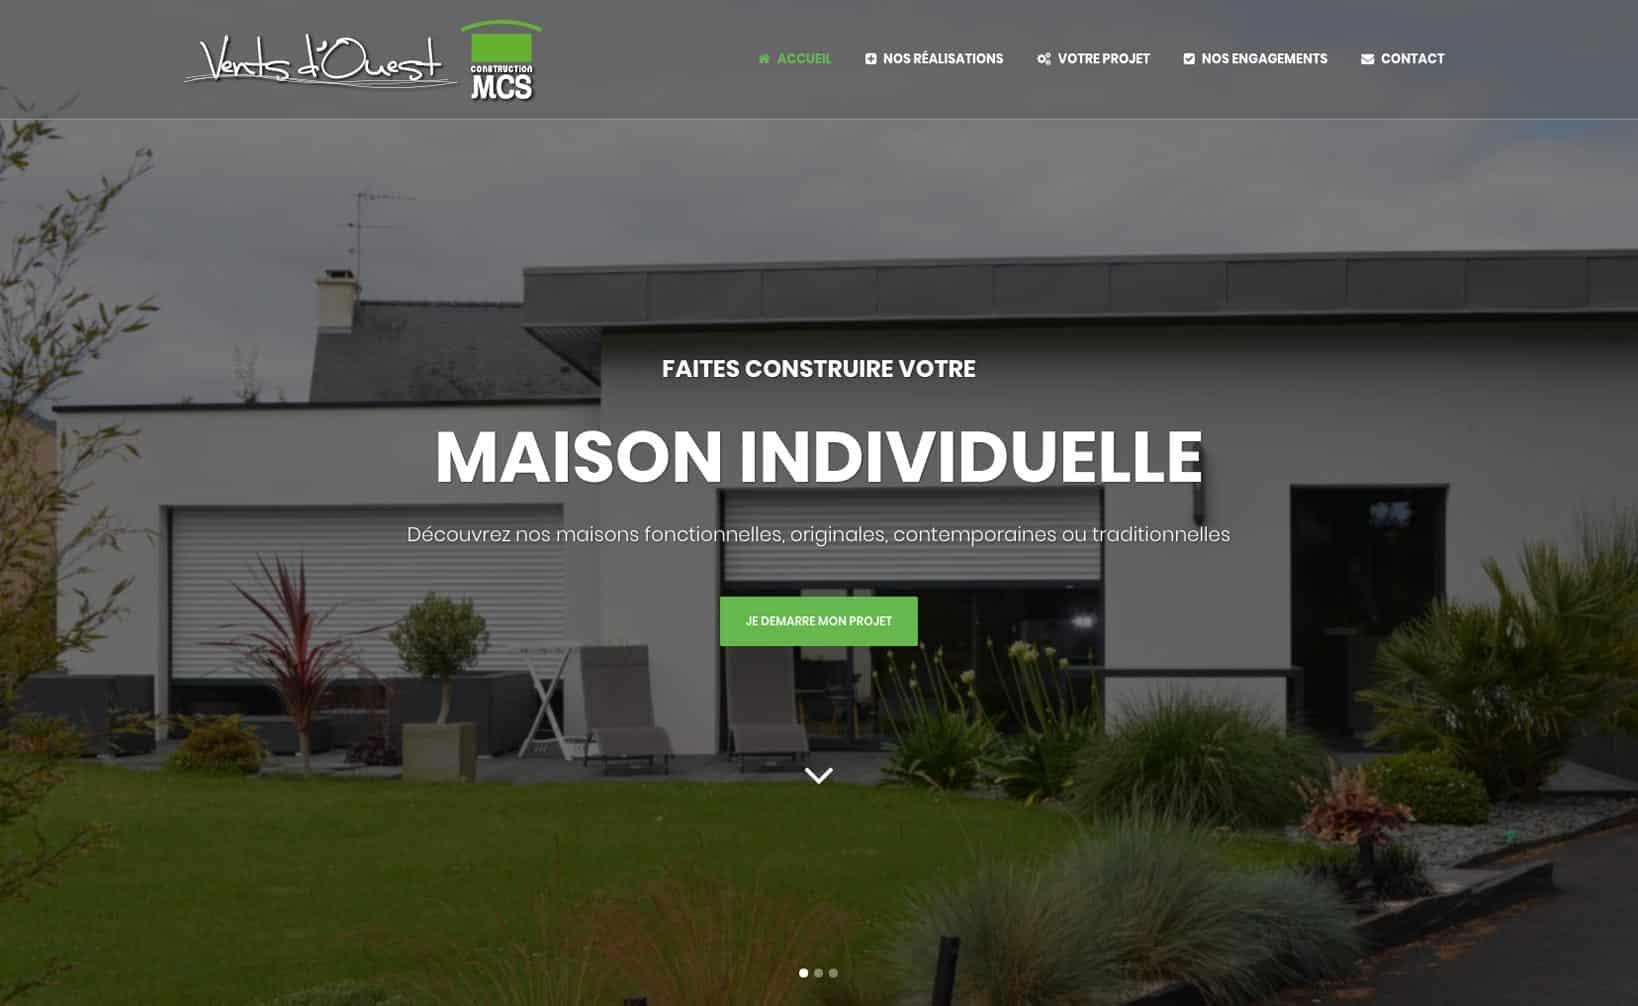 Site web MCS Vents d'Ouest - vue desktop 1